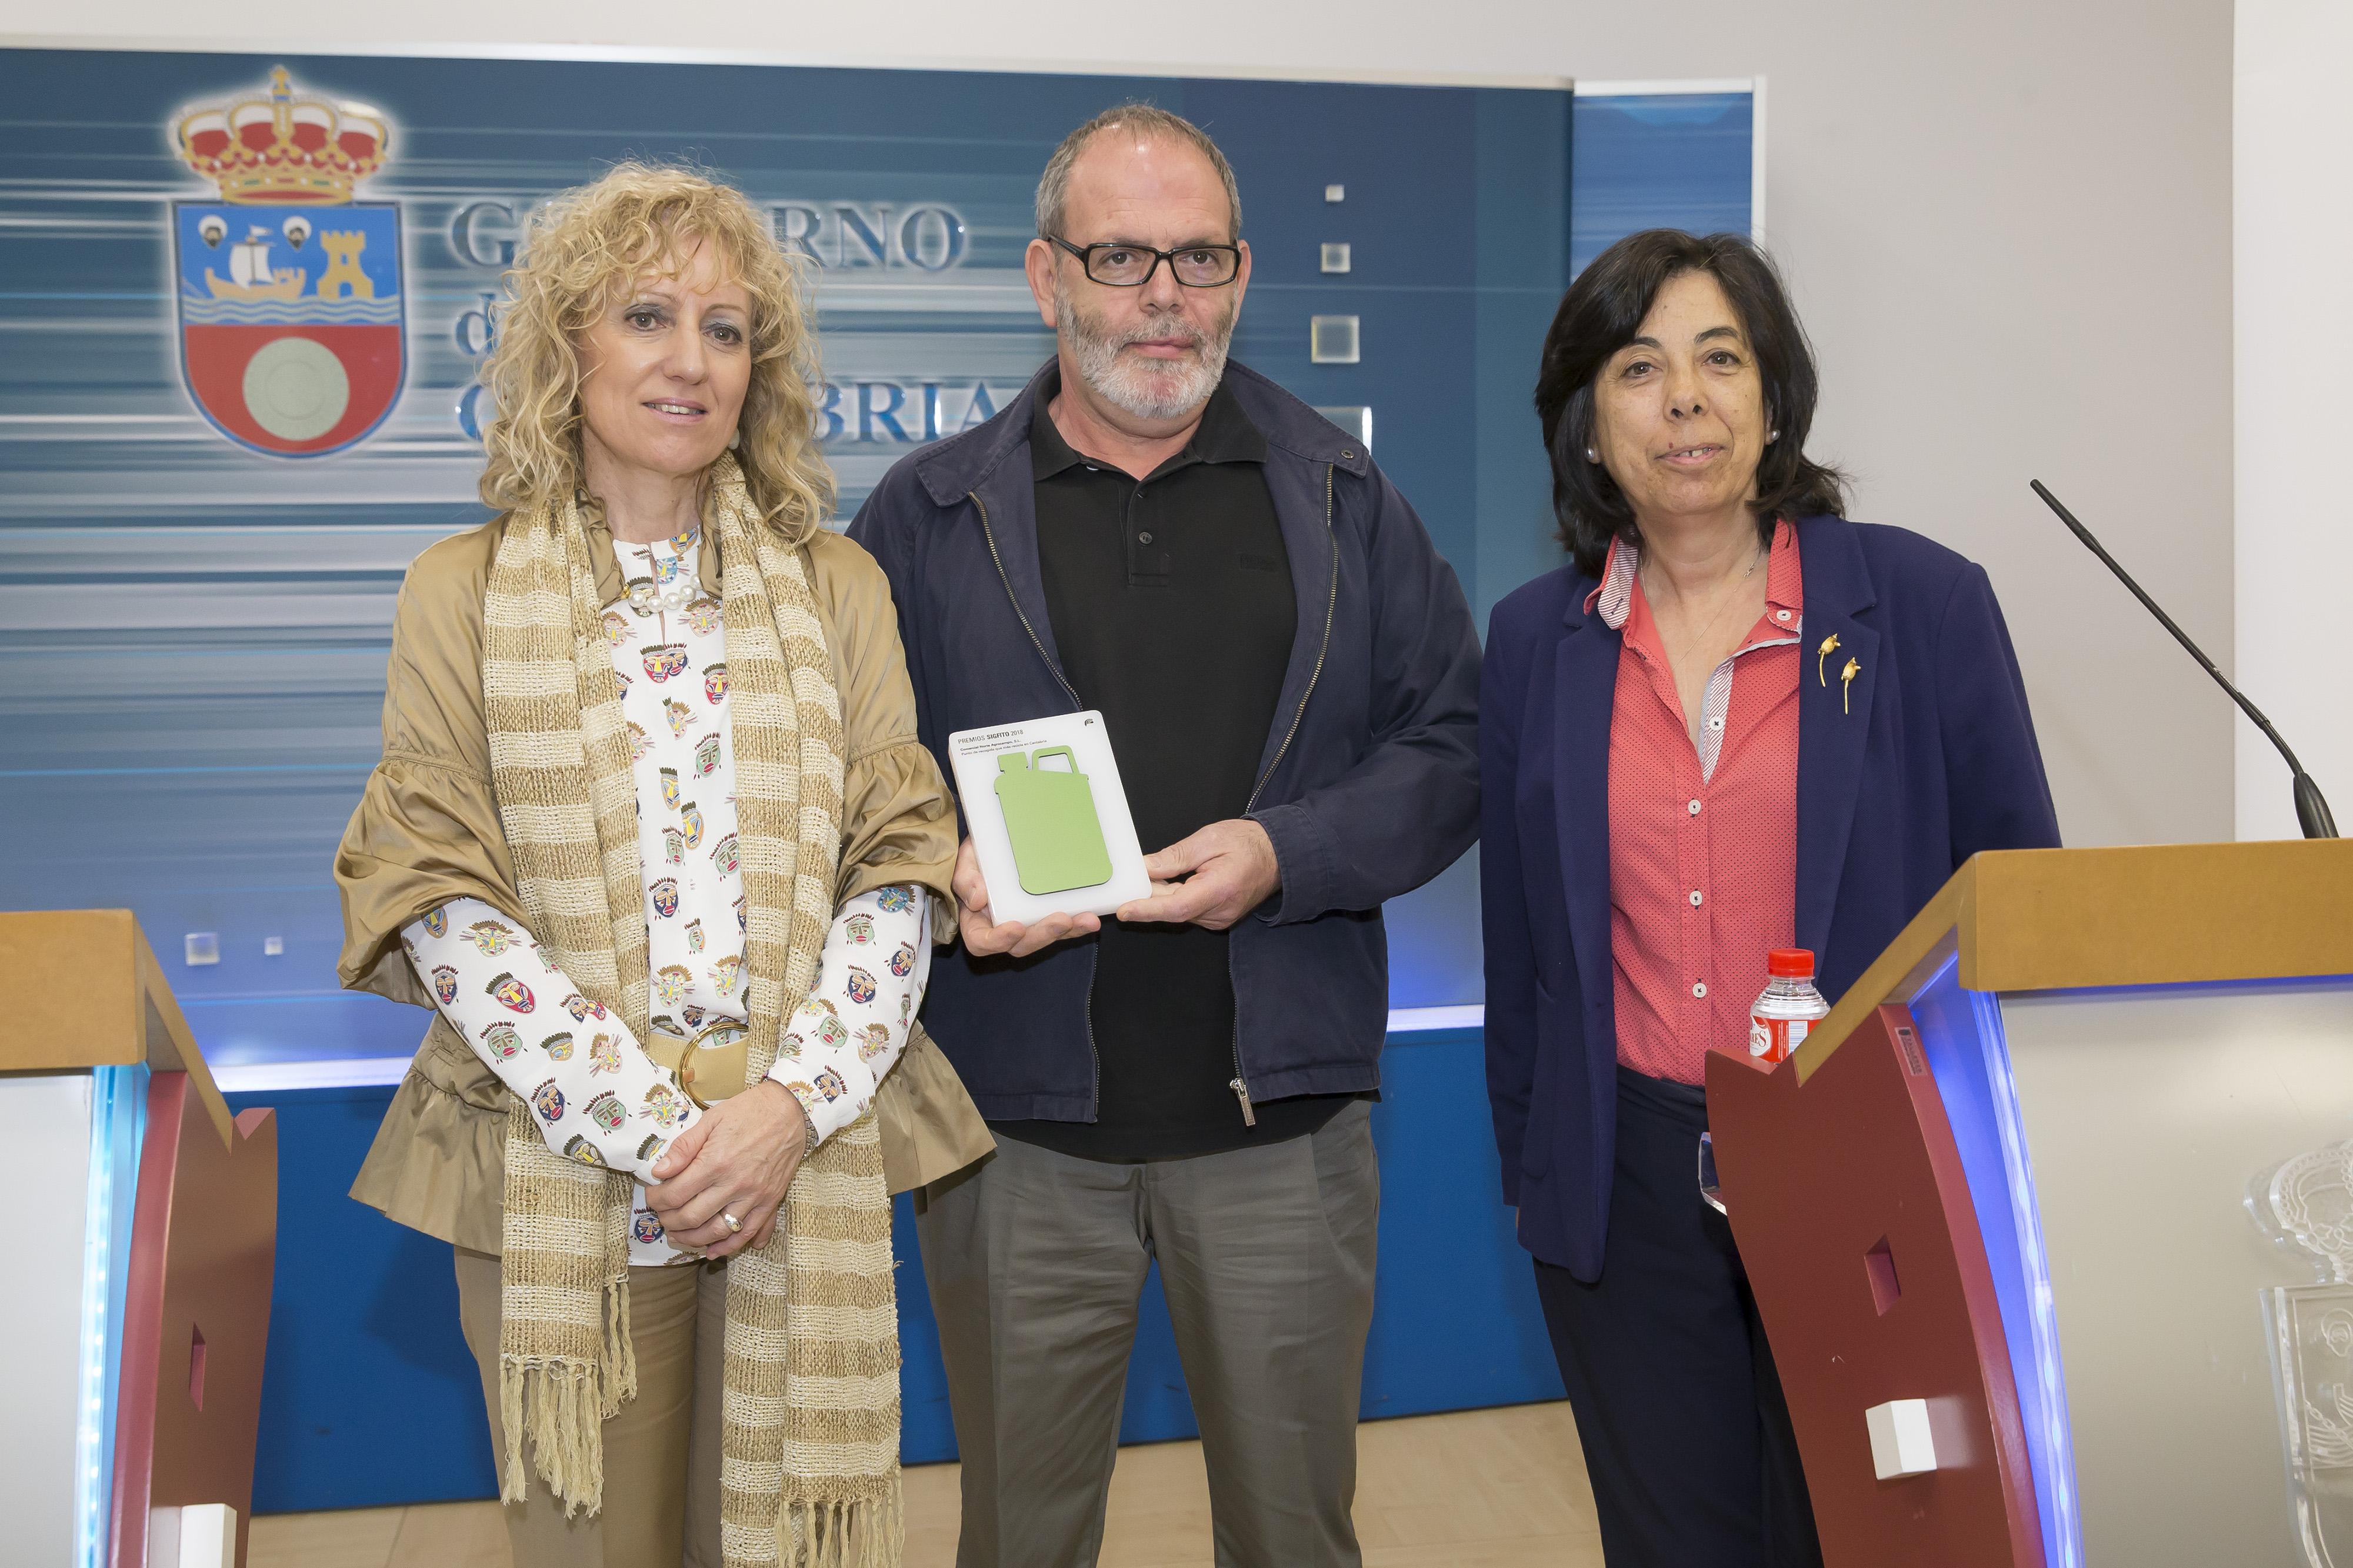 Premio SIGFITO Cantabria